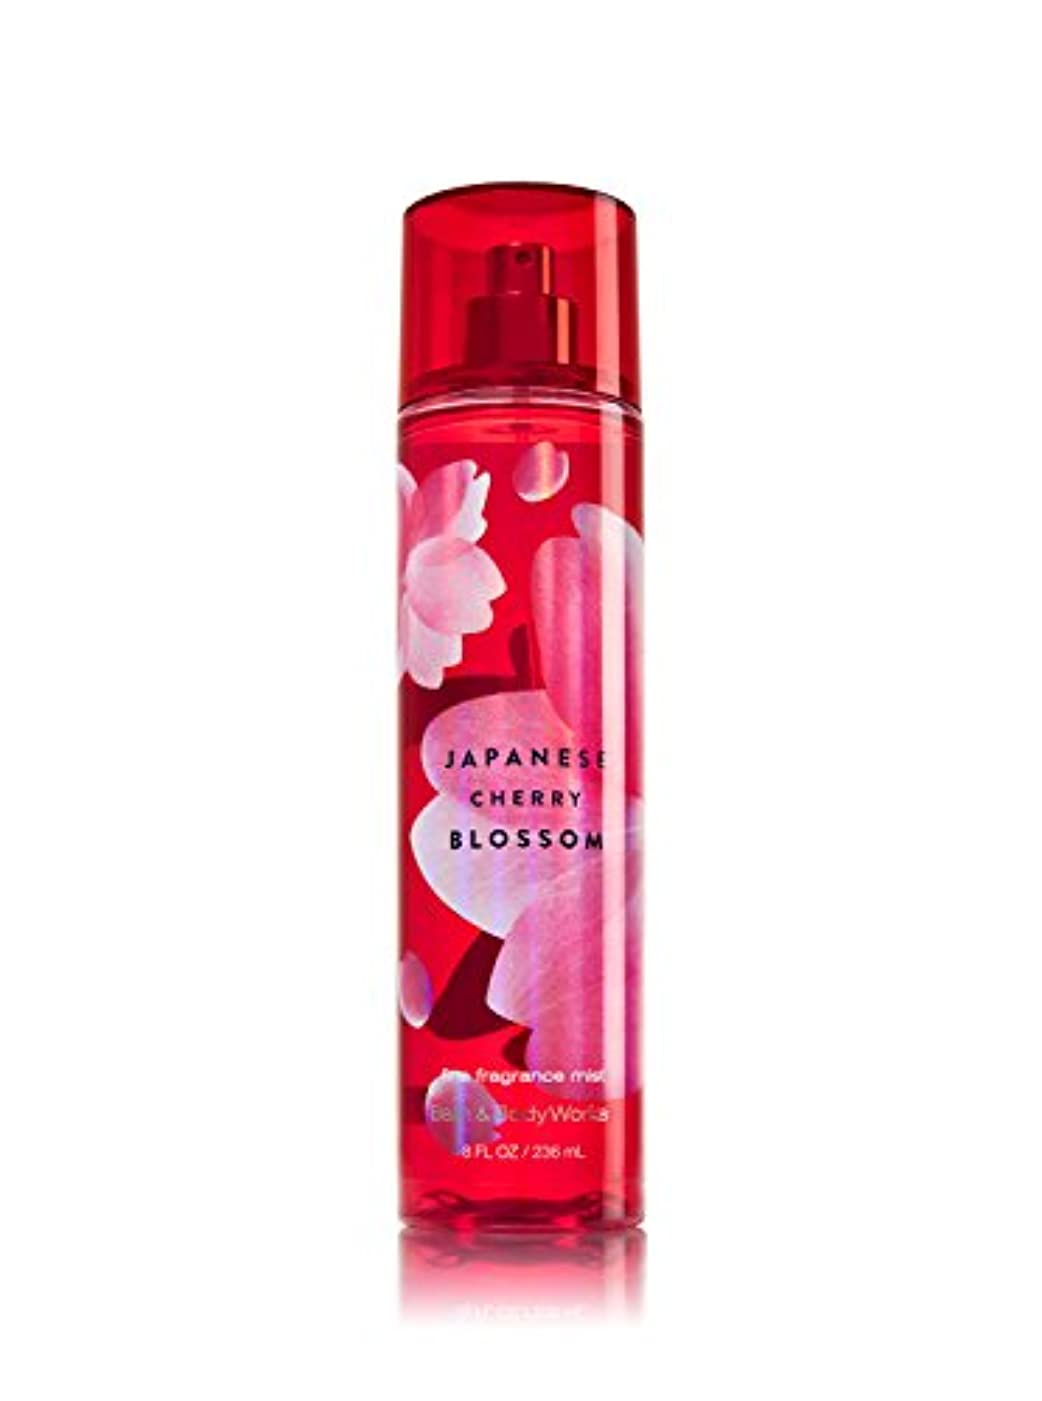 ボイラー遮る防ぐバス&ボディワークス ジャパニーズチェリーブロッサム ファイン フレグランスミスト Japanese Cherry Blossom Fine Fragrance Mist [並行輸入品]